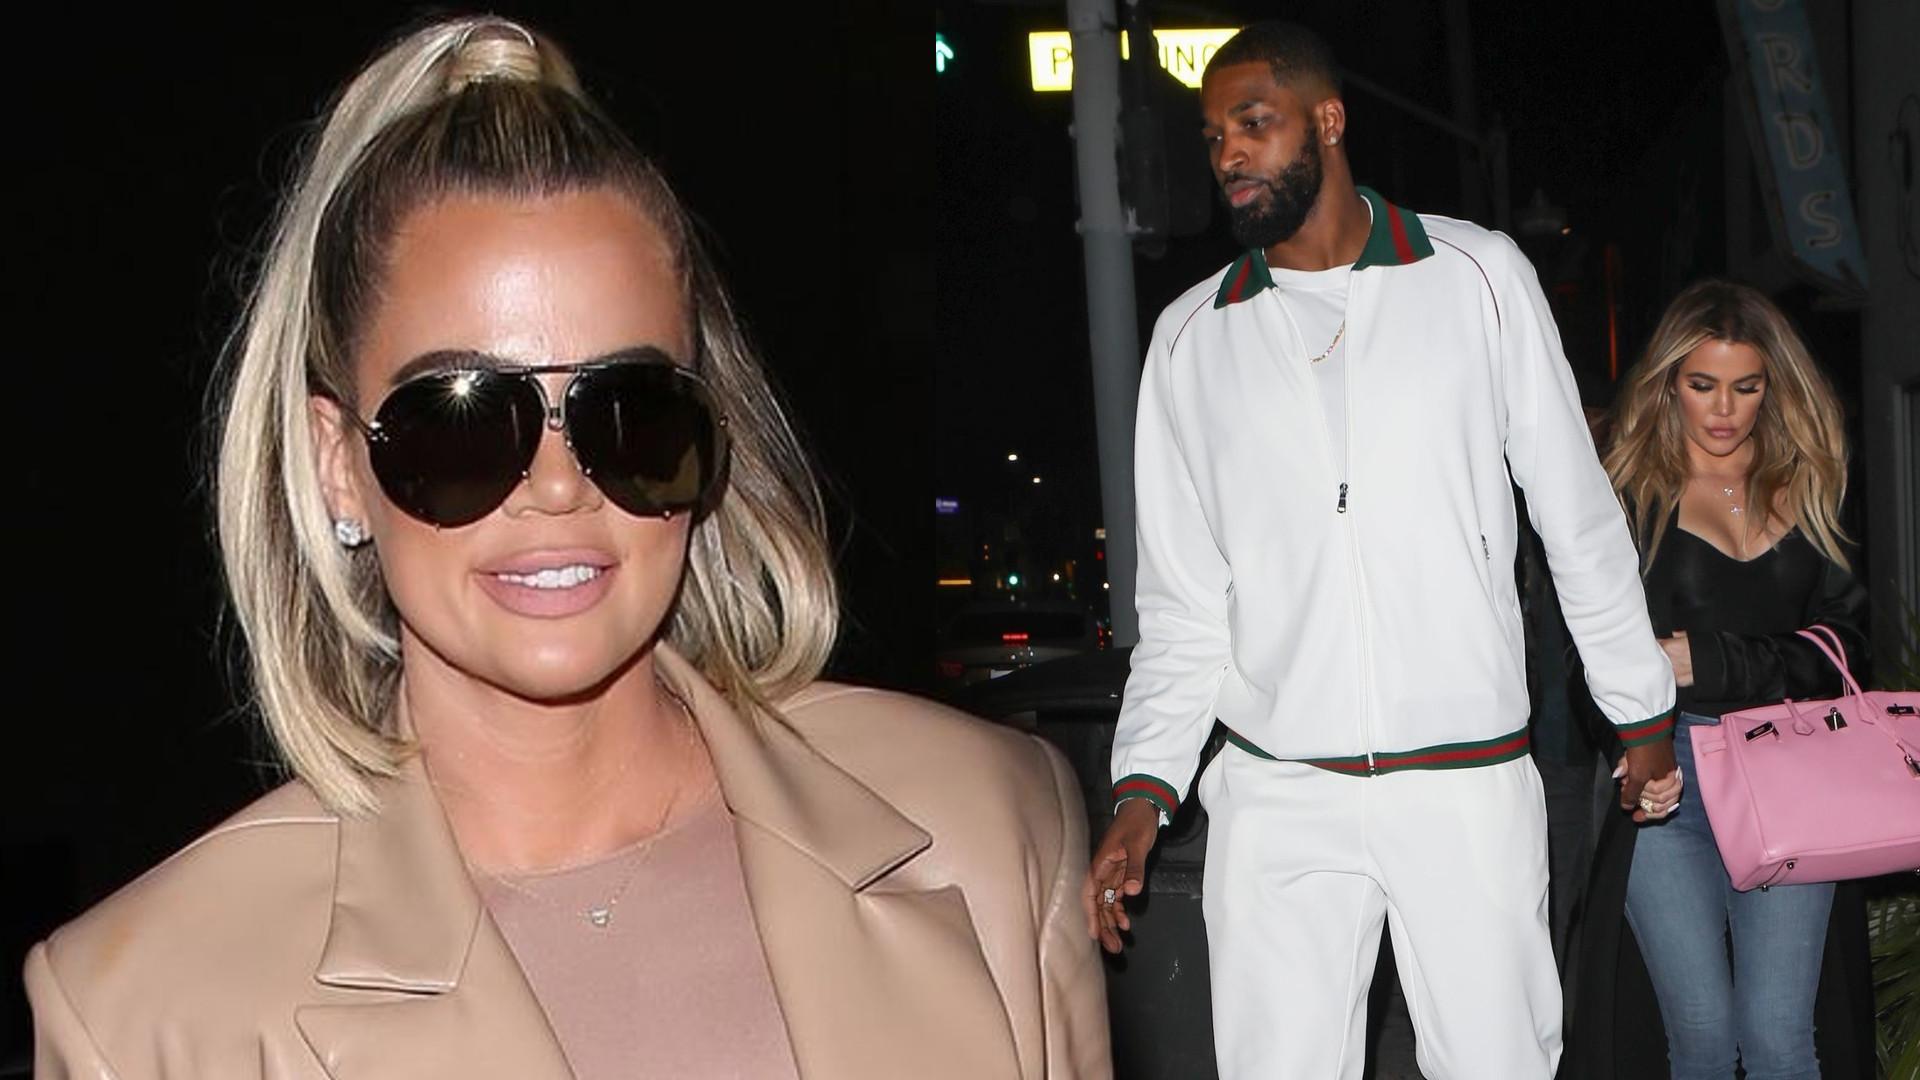 Khloe Kardashian WRÓCIŁA do Tristana. Scott Disick wygadał się o ich związku